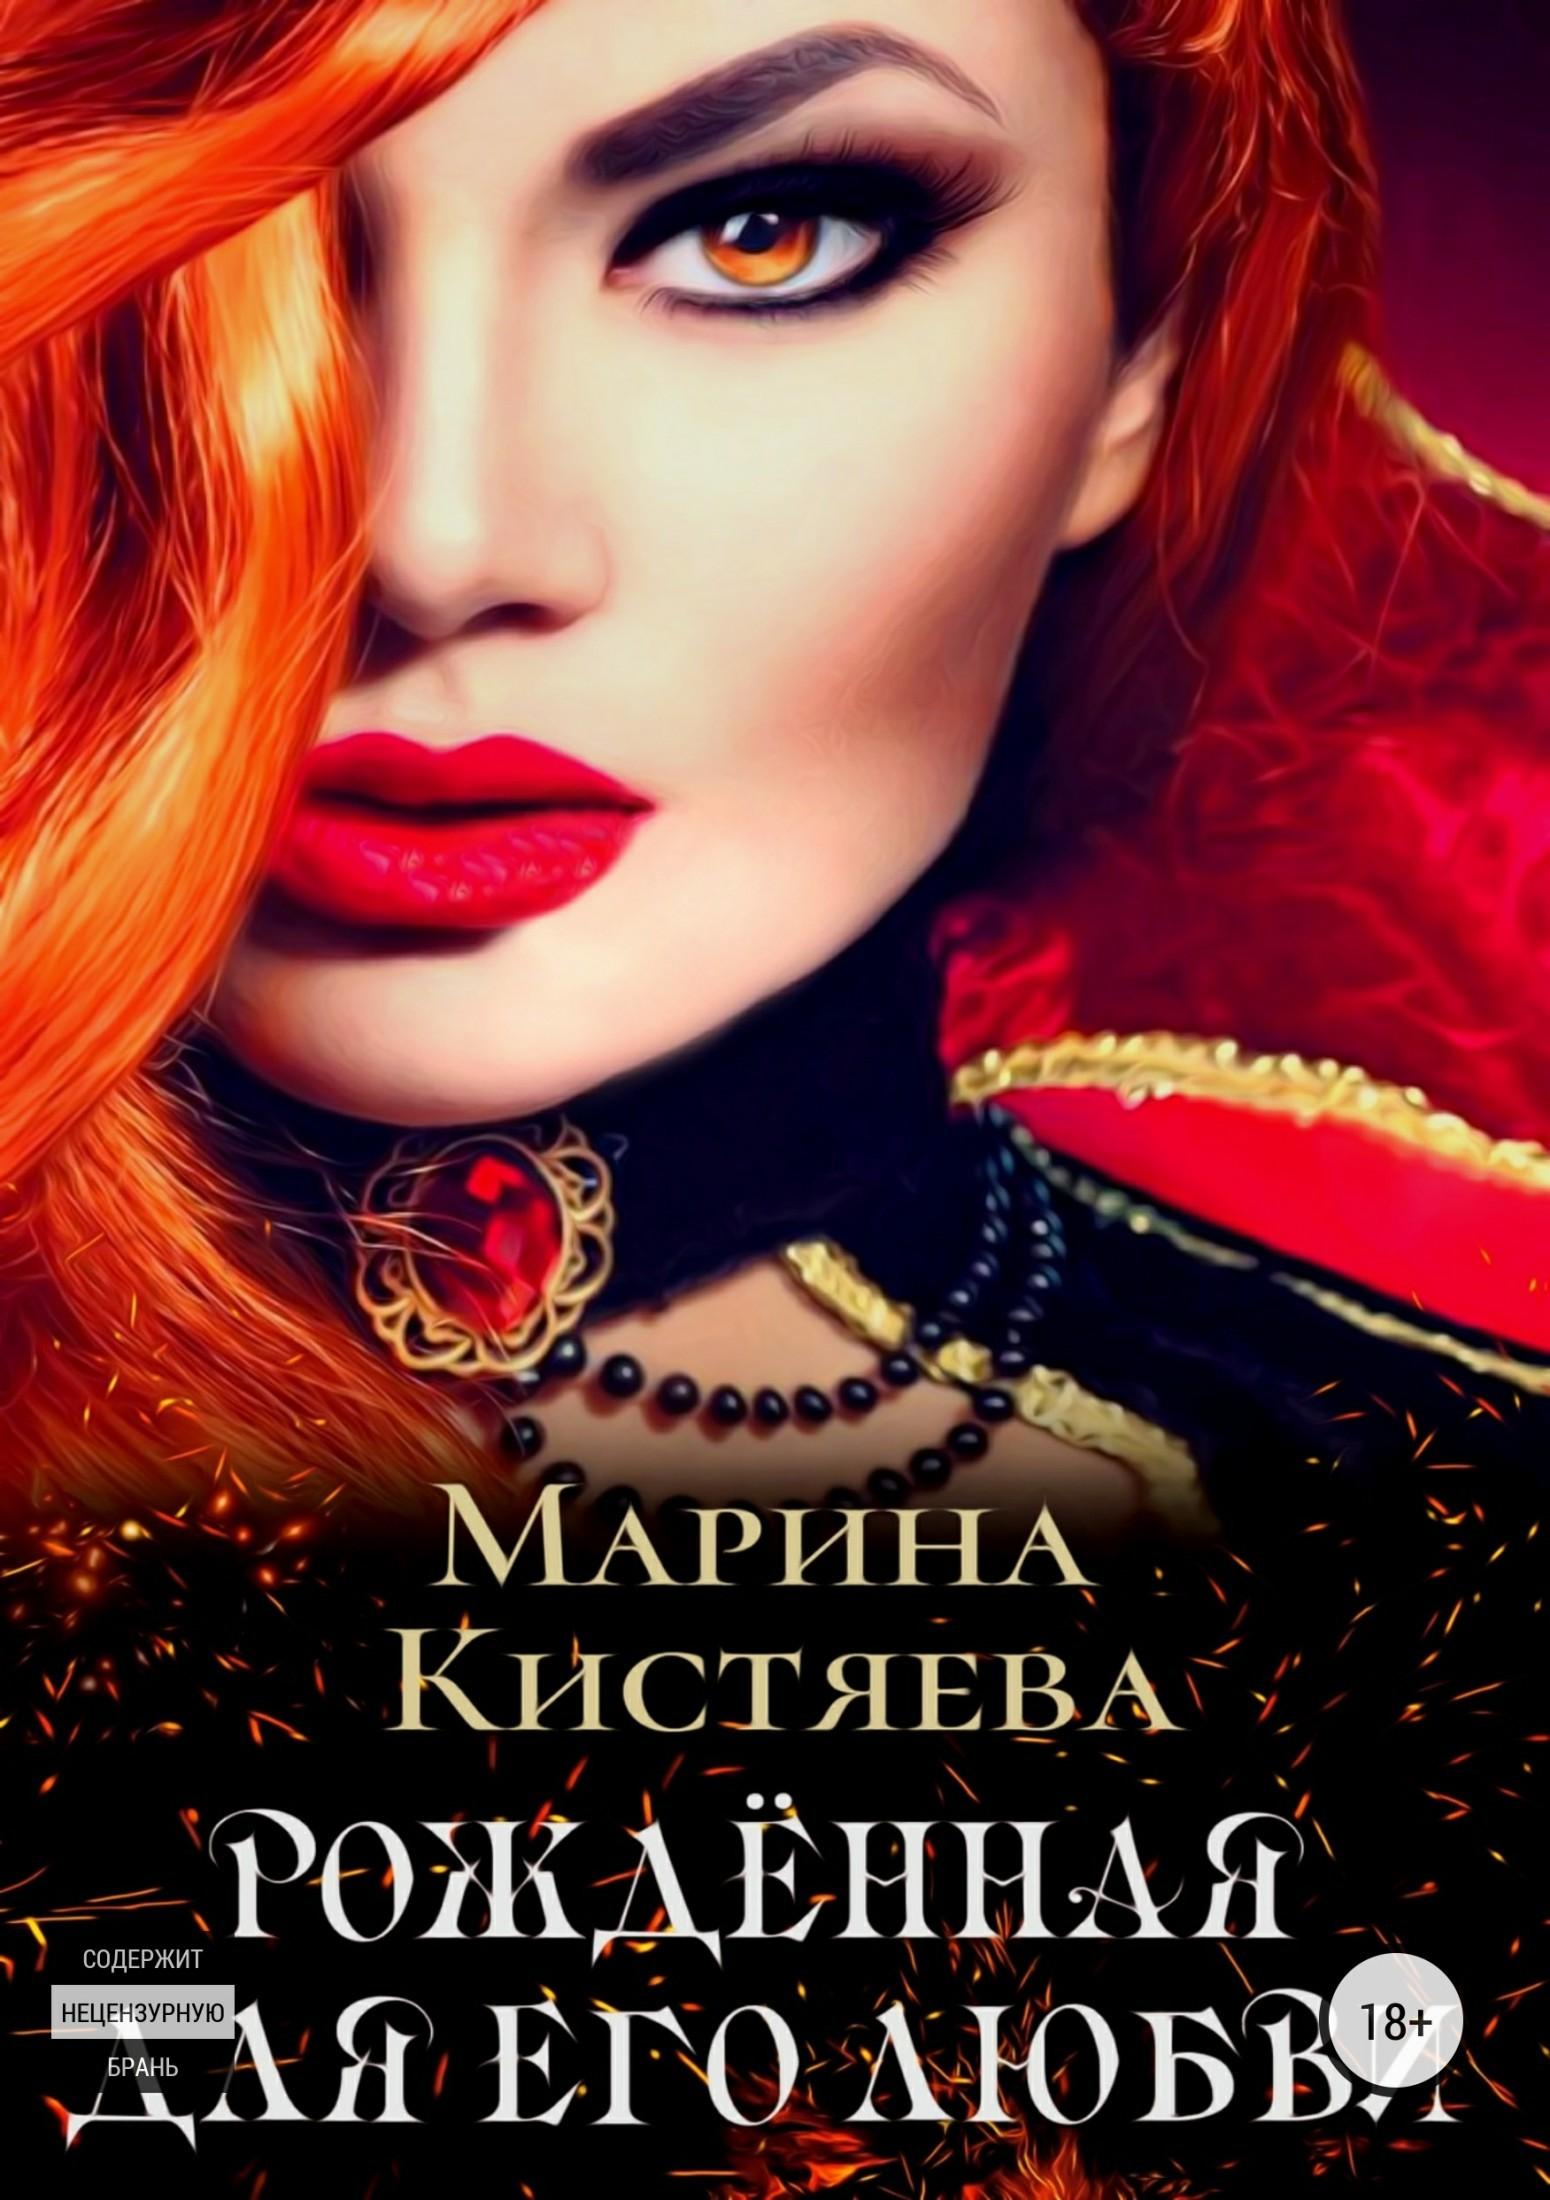 Марина Кистяева - Рожденная для его любви